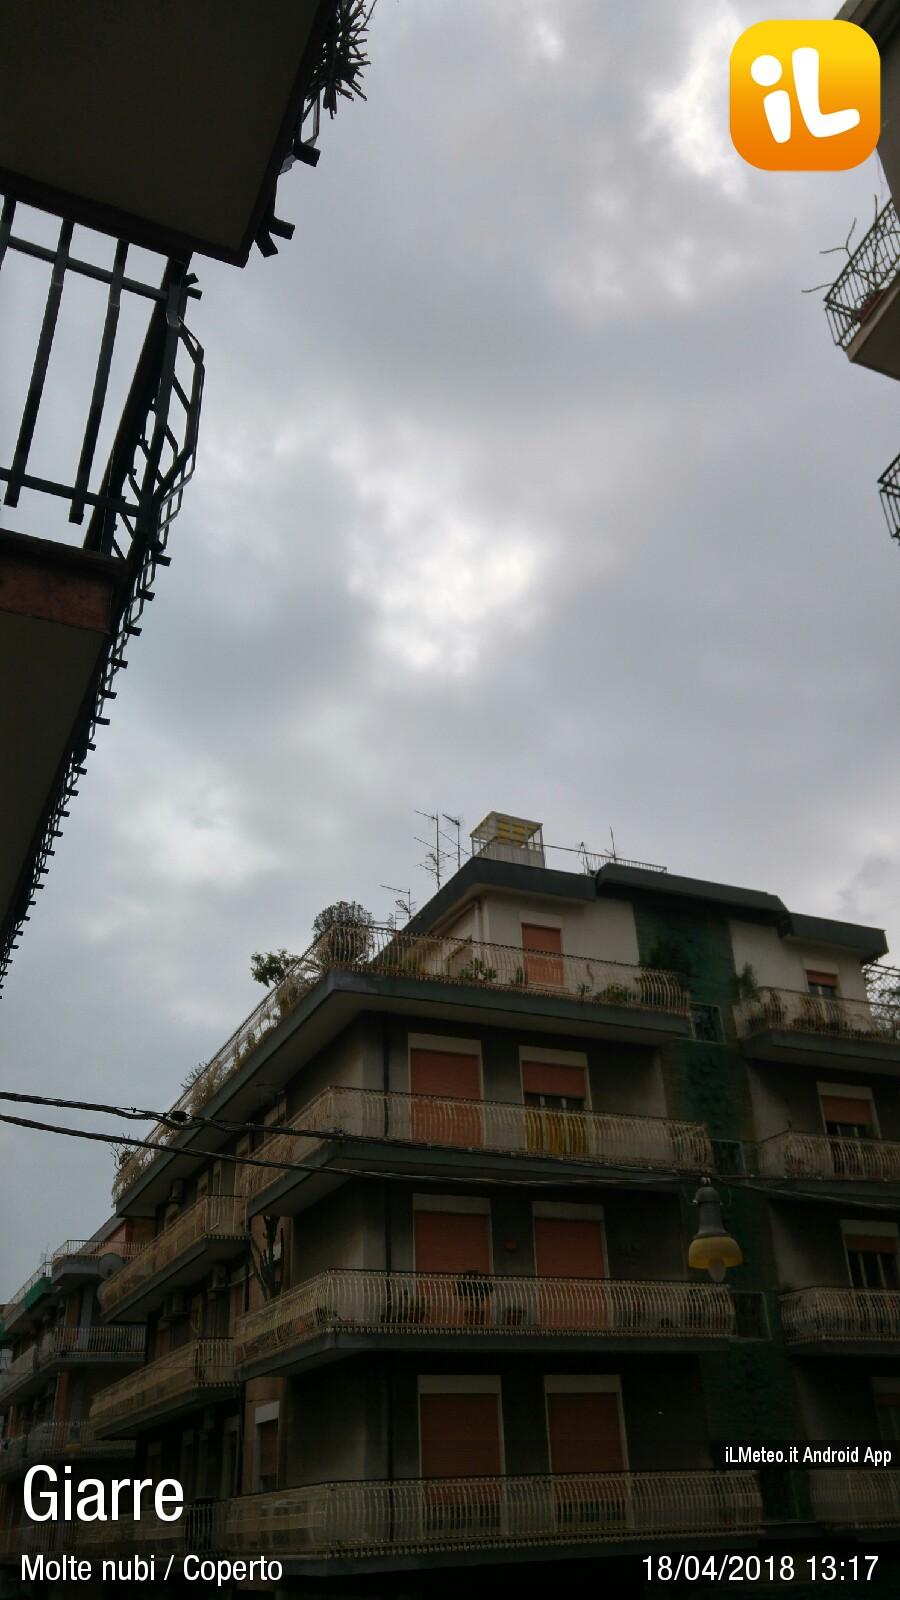 Foto Meteo Giarre Giarre Ore 1317 Il Meteo Ilmeteoit